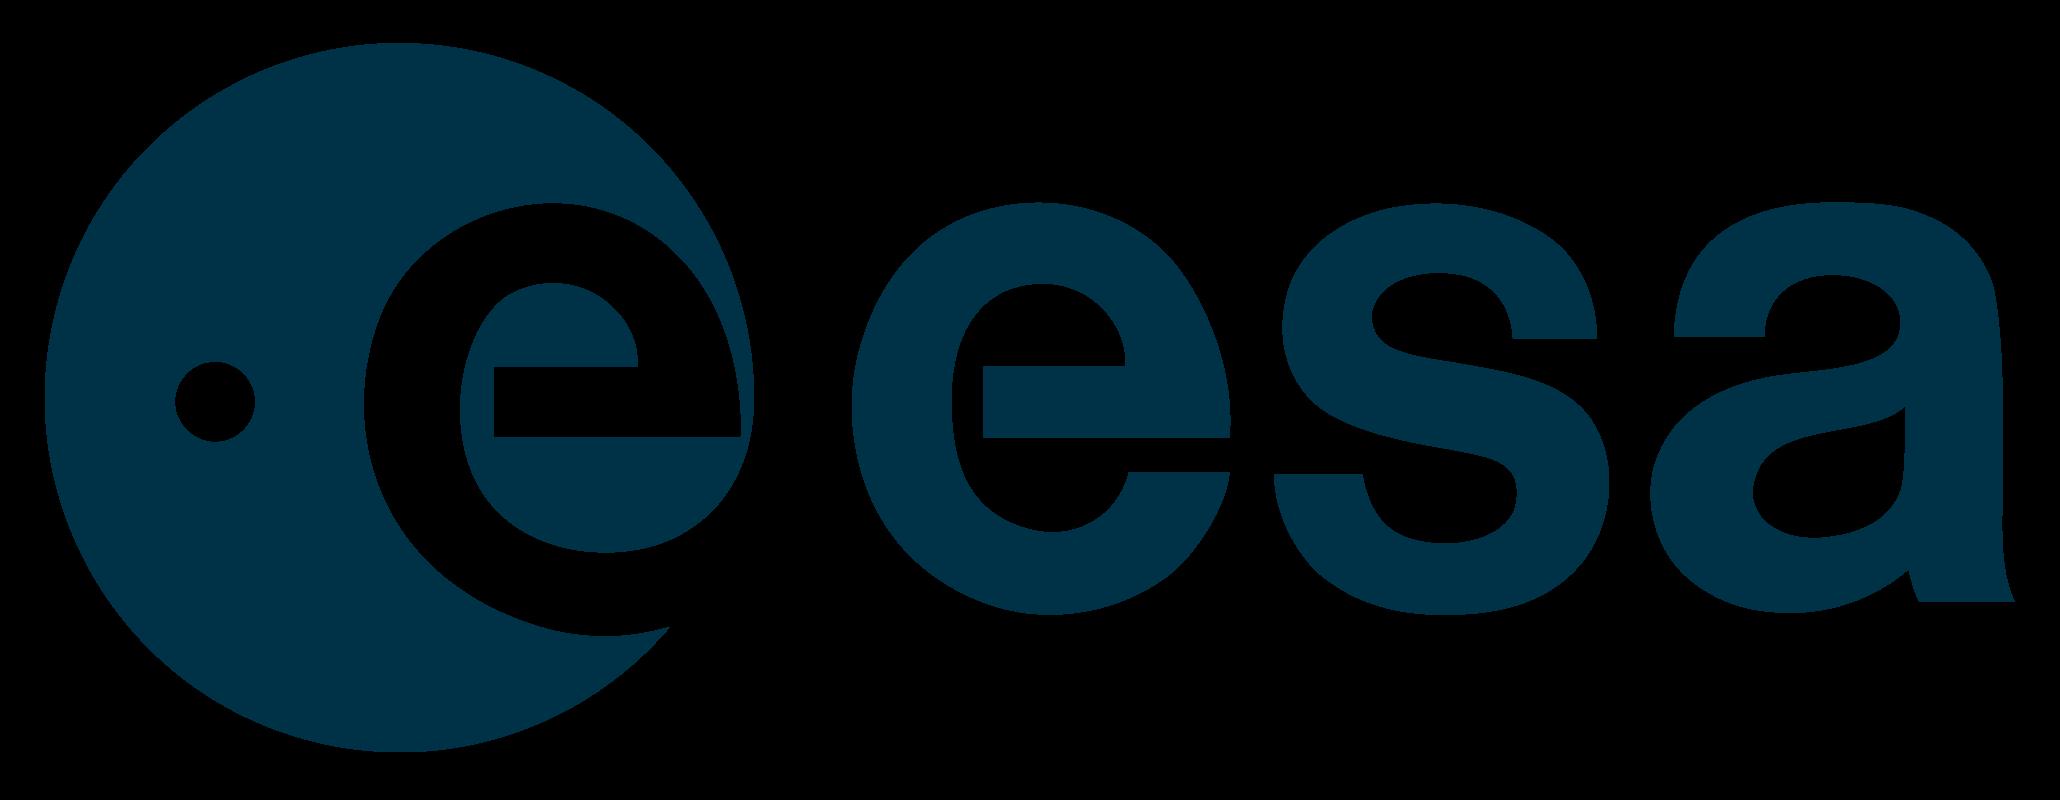 Az Európai Űrügynökség logója